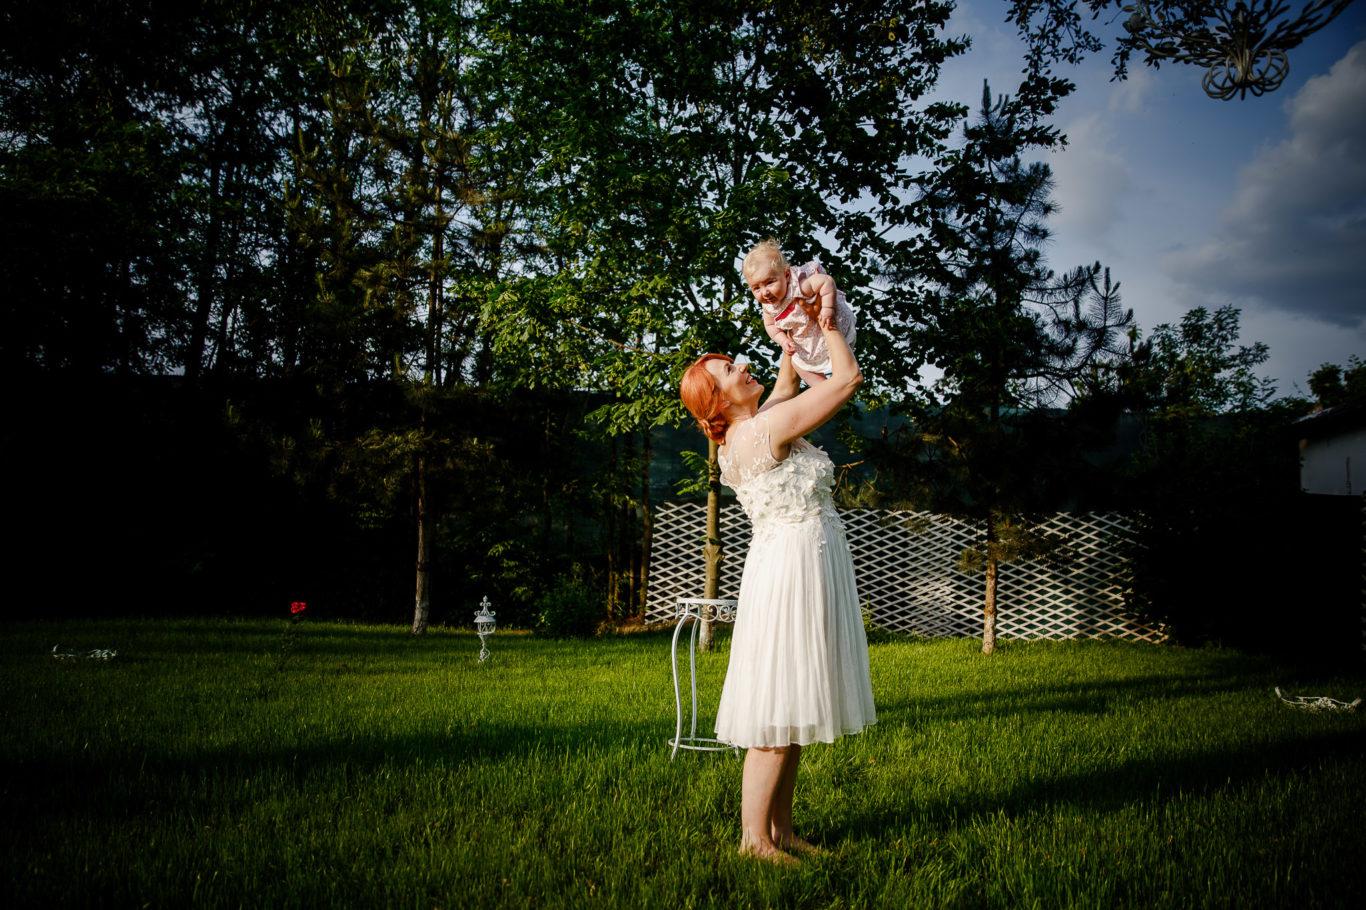 0506-Fotografie-nunta-botez-Ingrid-Geta-Mihai-fotograf-Ciprian-Dumitrescu-DCF_9410